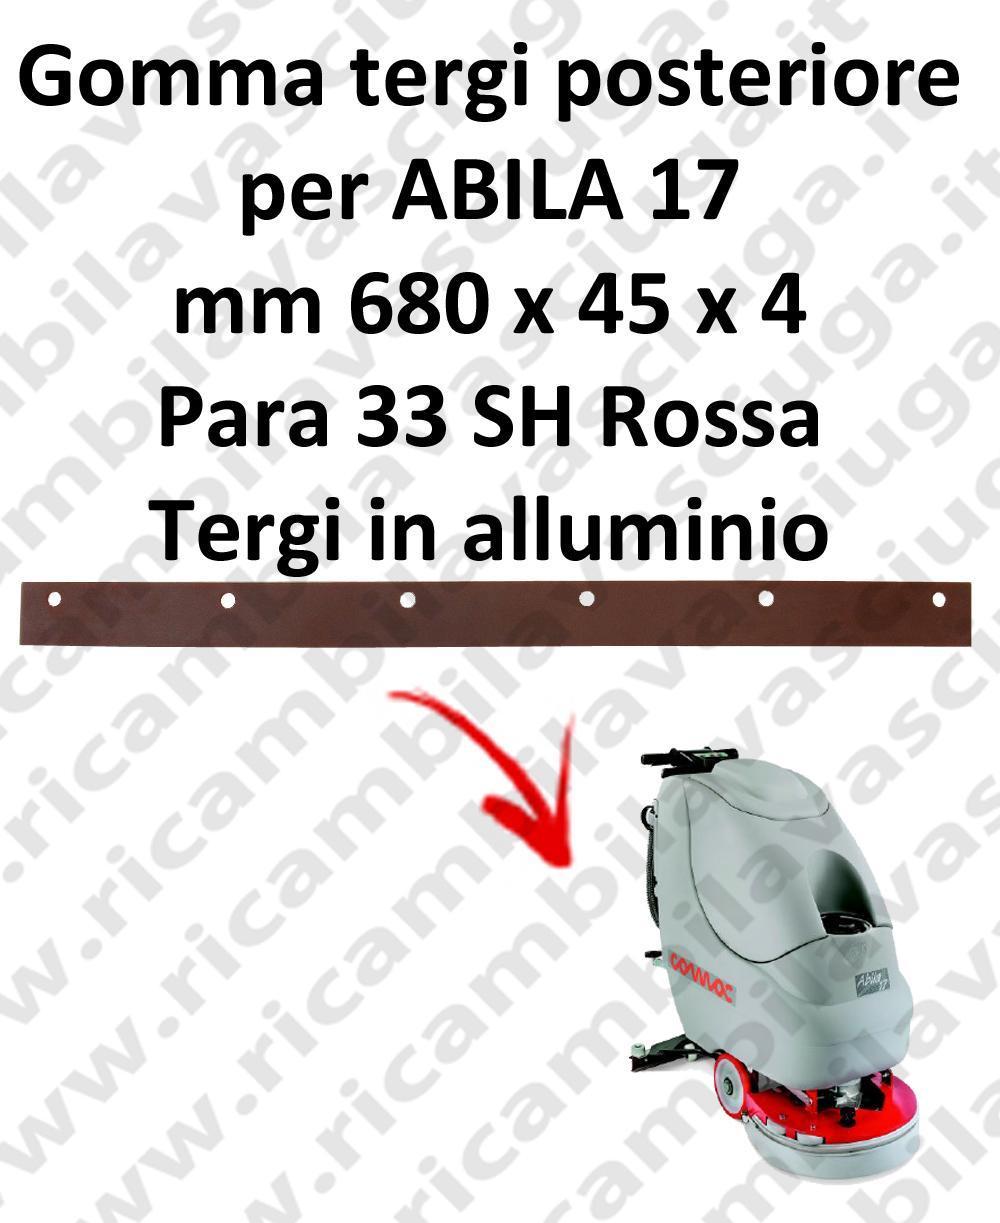 ABILA 17 goma de secado trasero para COMAC repuestos fregadoras squeegee